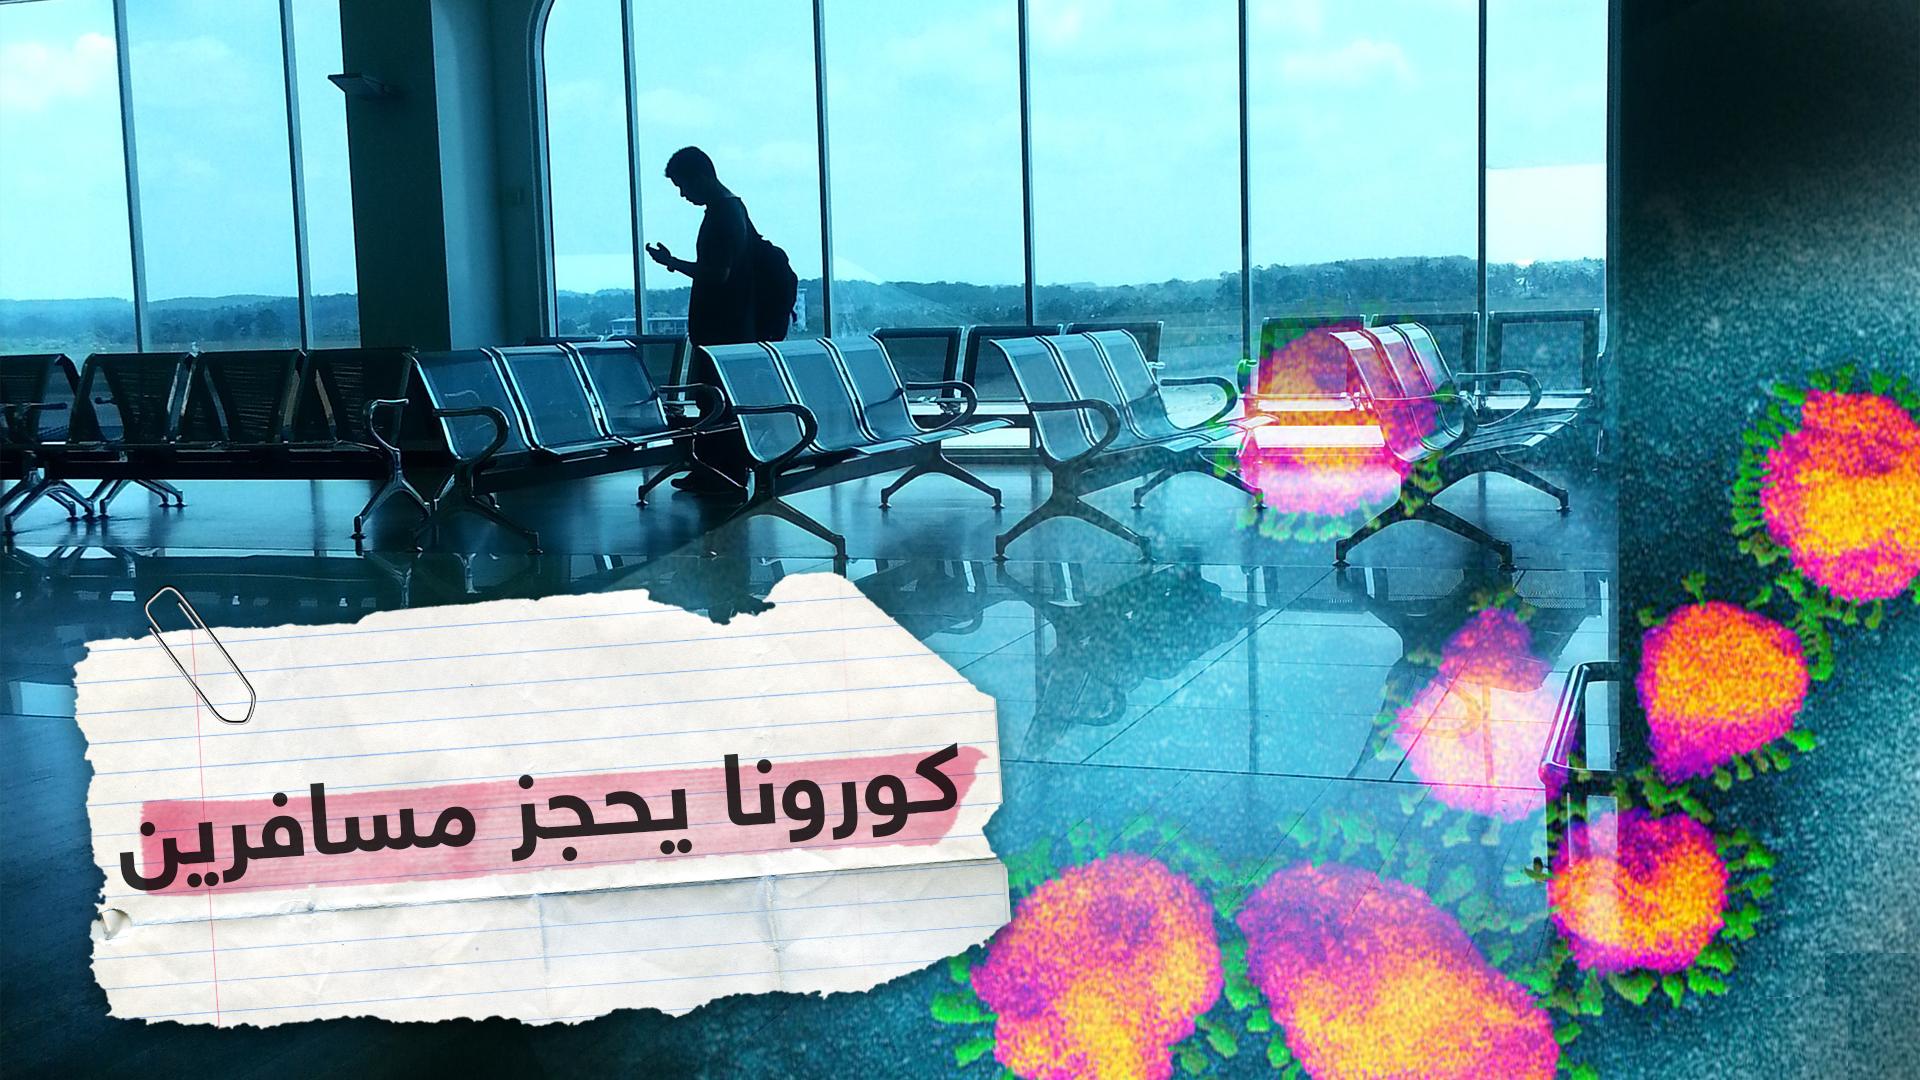 مسافرون عالقون في مطارات عربية والسبب.. كورونا